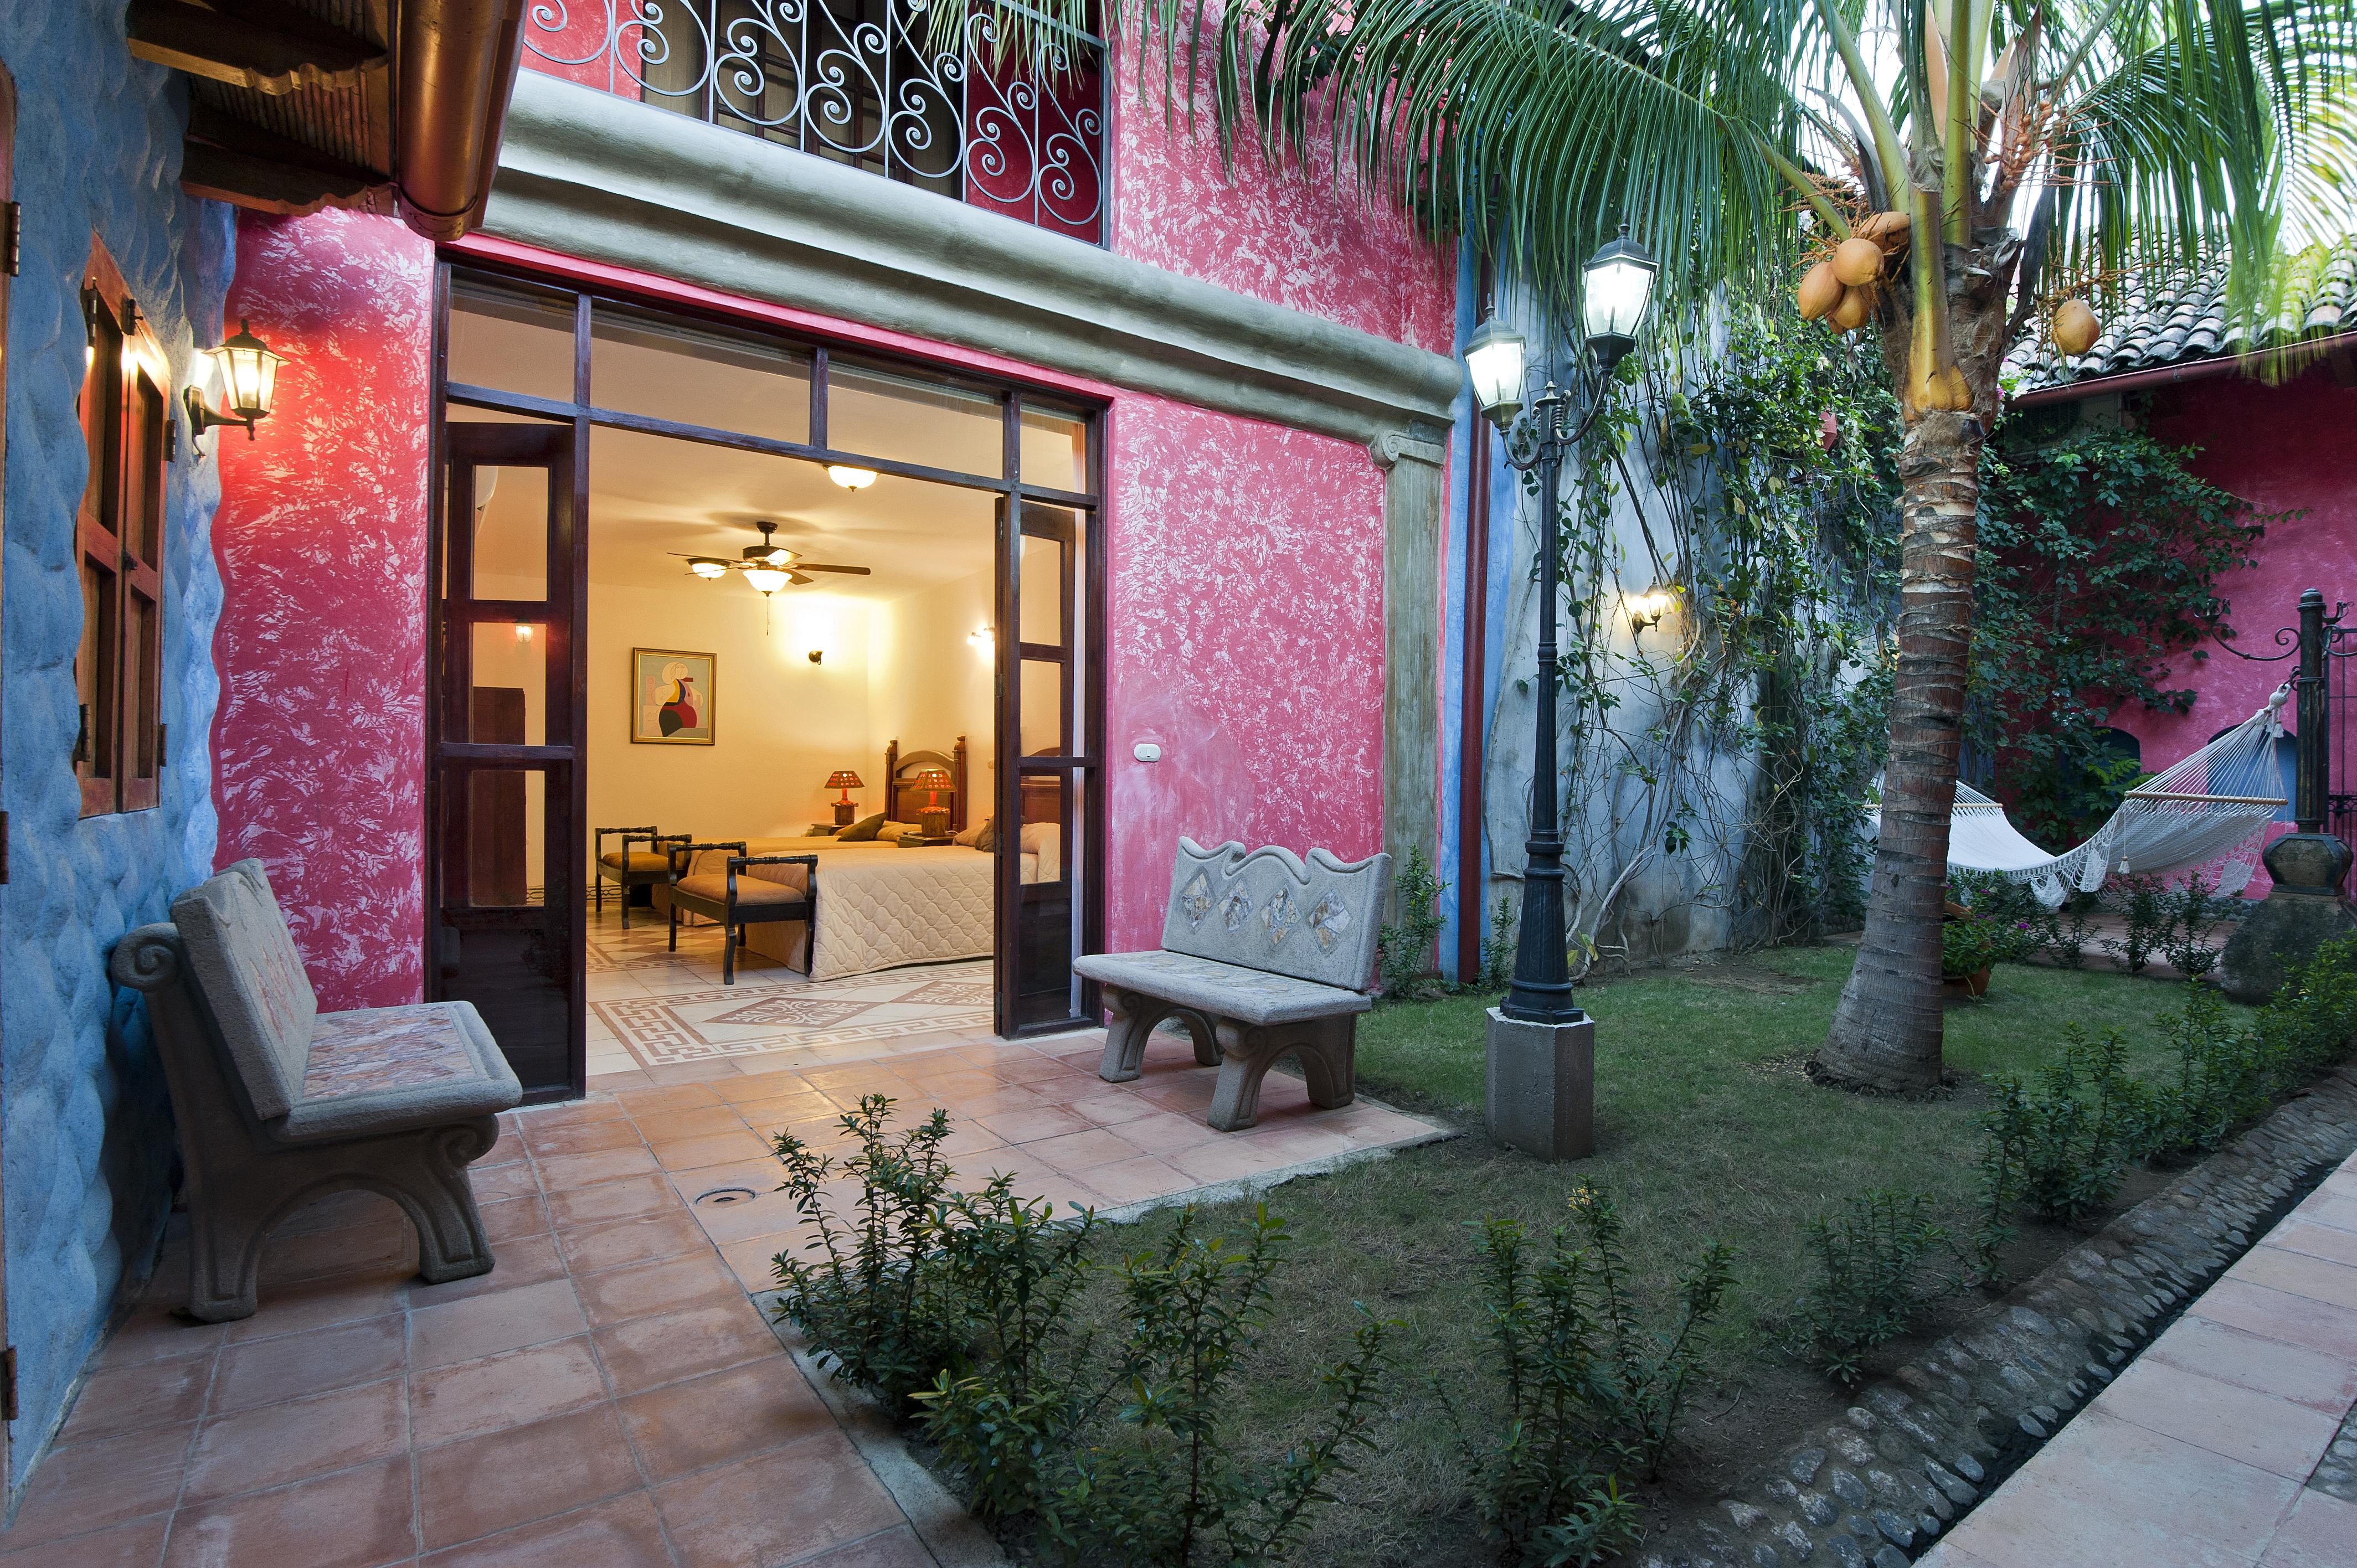 Habitaciones y jardines con encanto